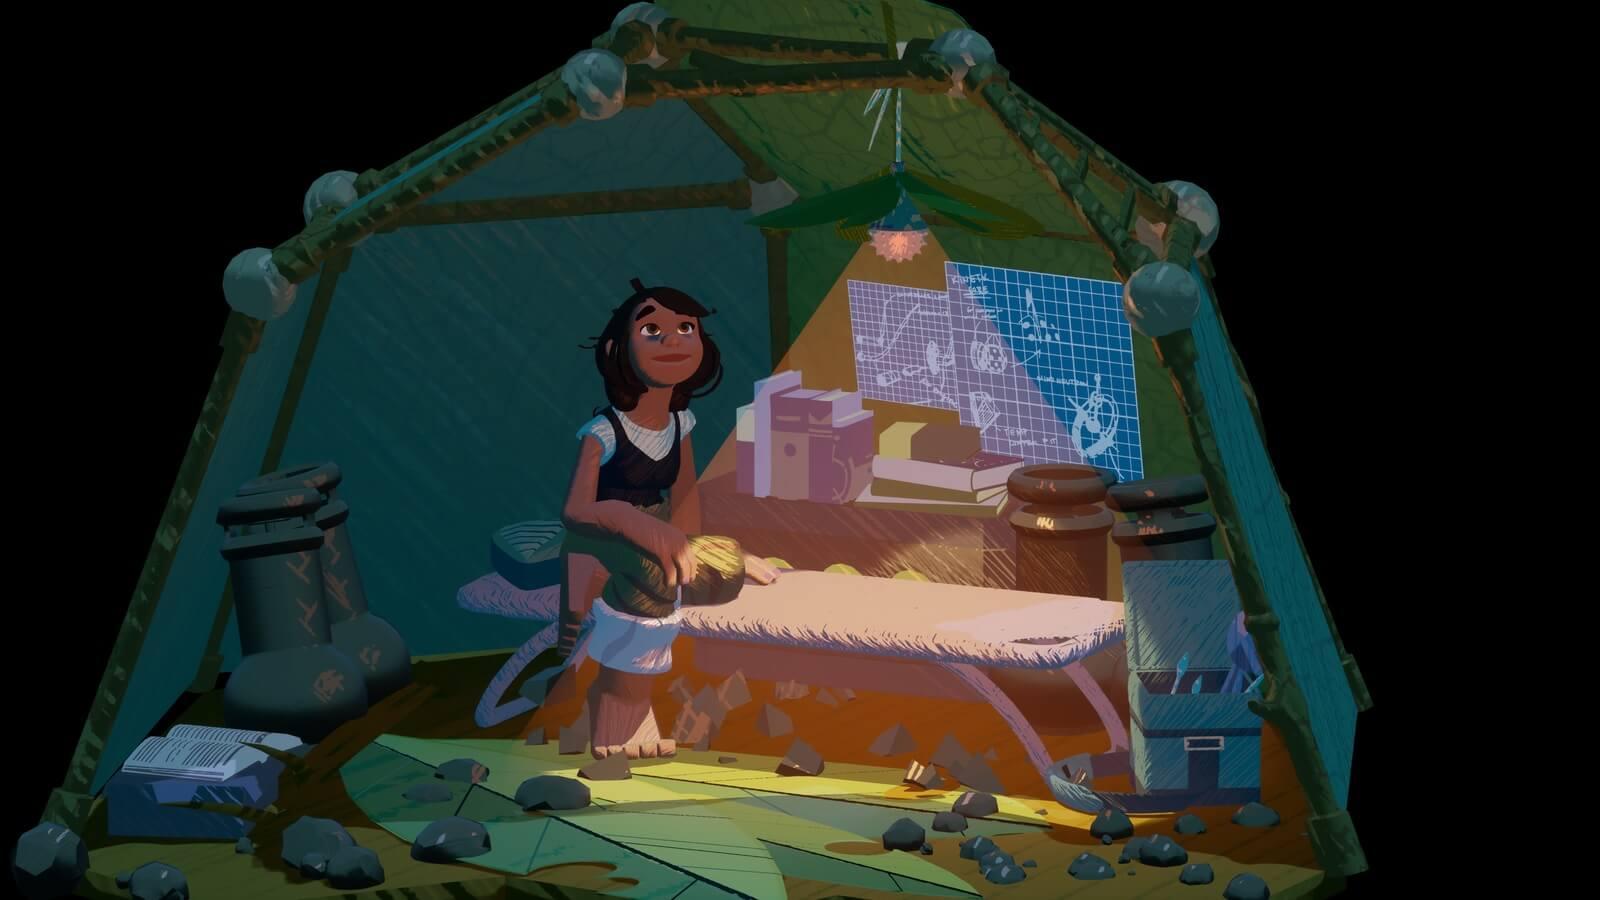 Los creadores de Creature in the Well presentan Stonefly, aventura que combina la naturaleza y los mechas